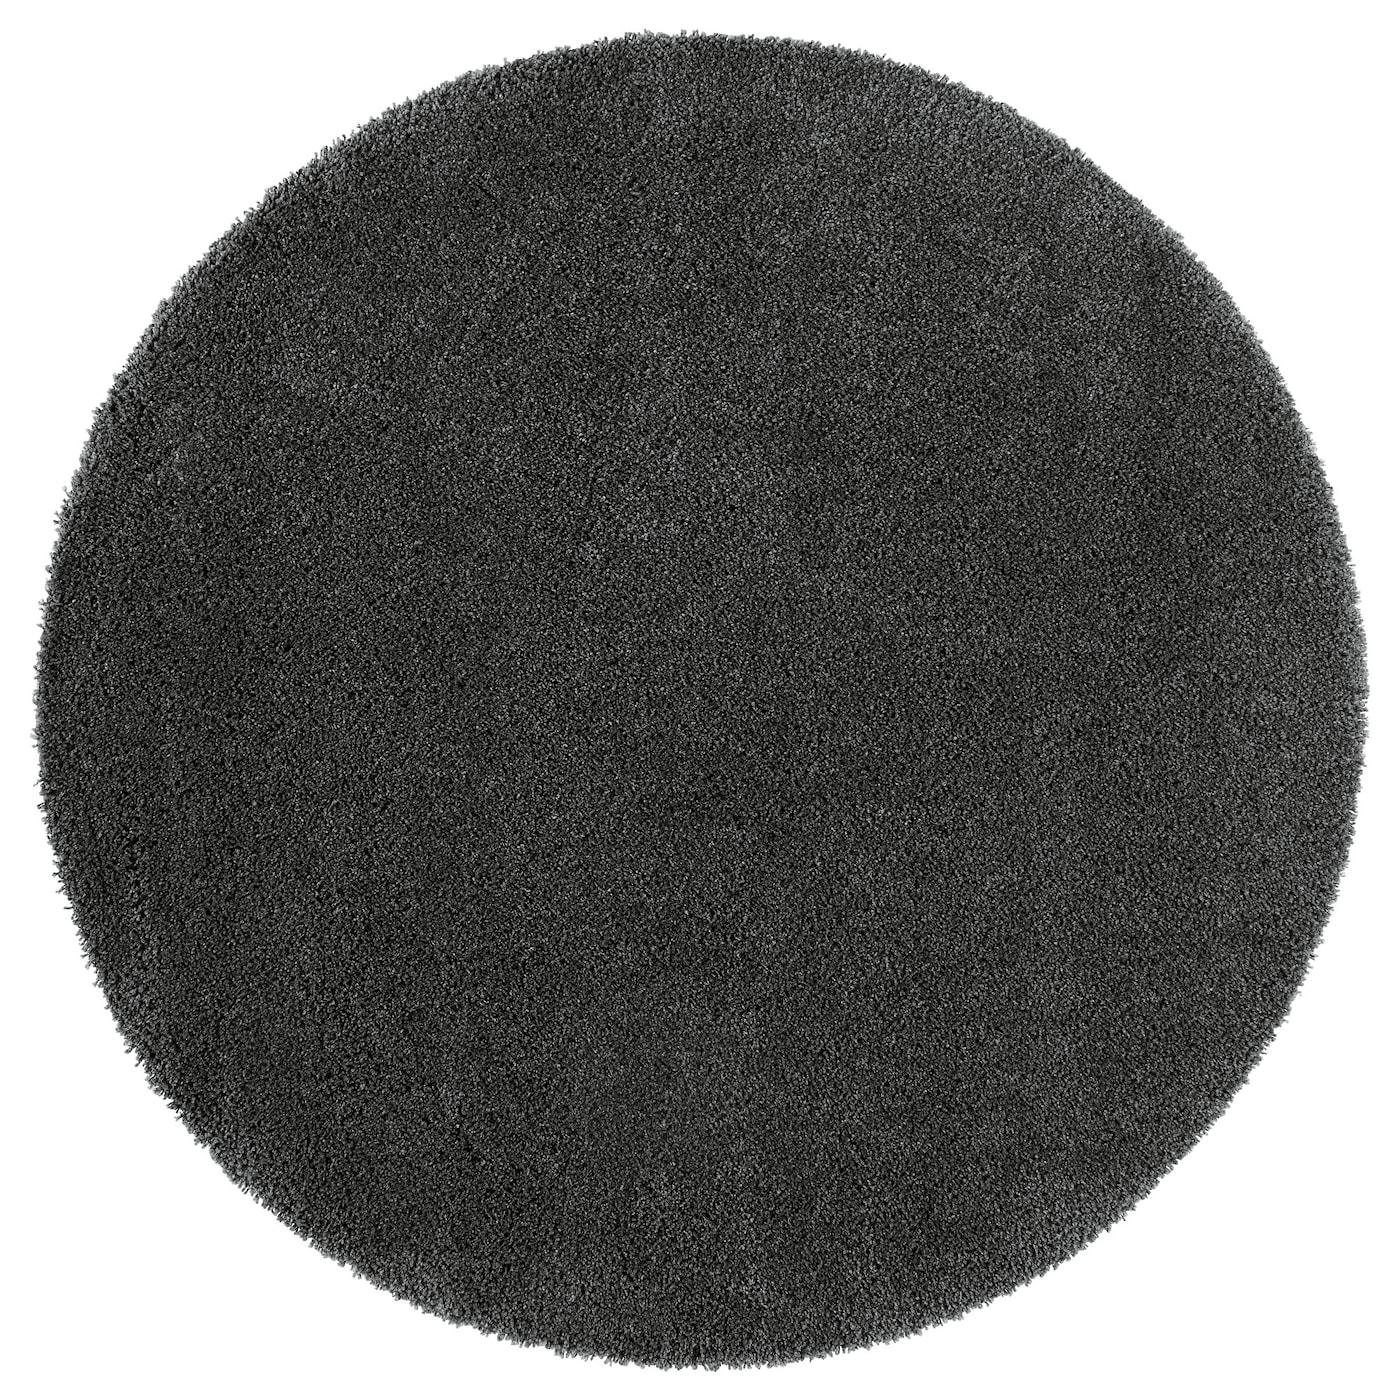 197 Dum Rug High Pile Dark Grey 130 Cm Ikea